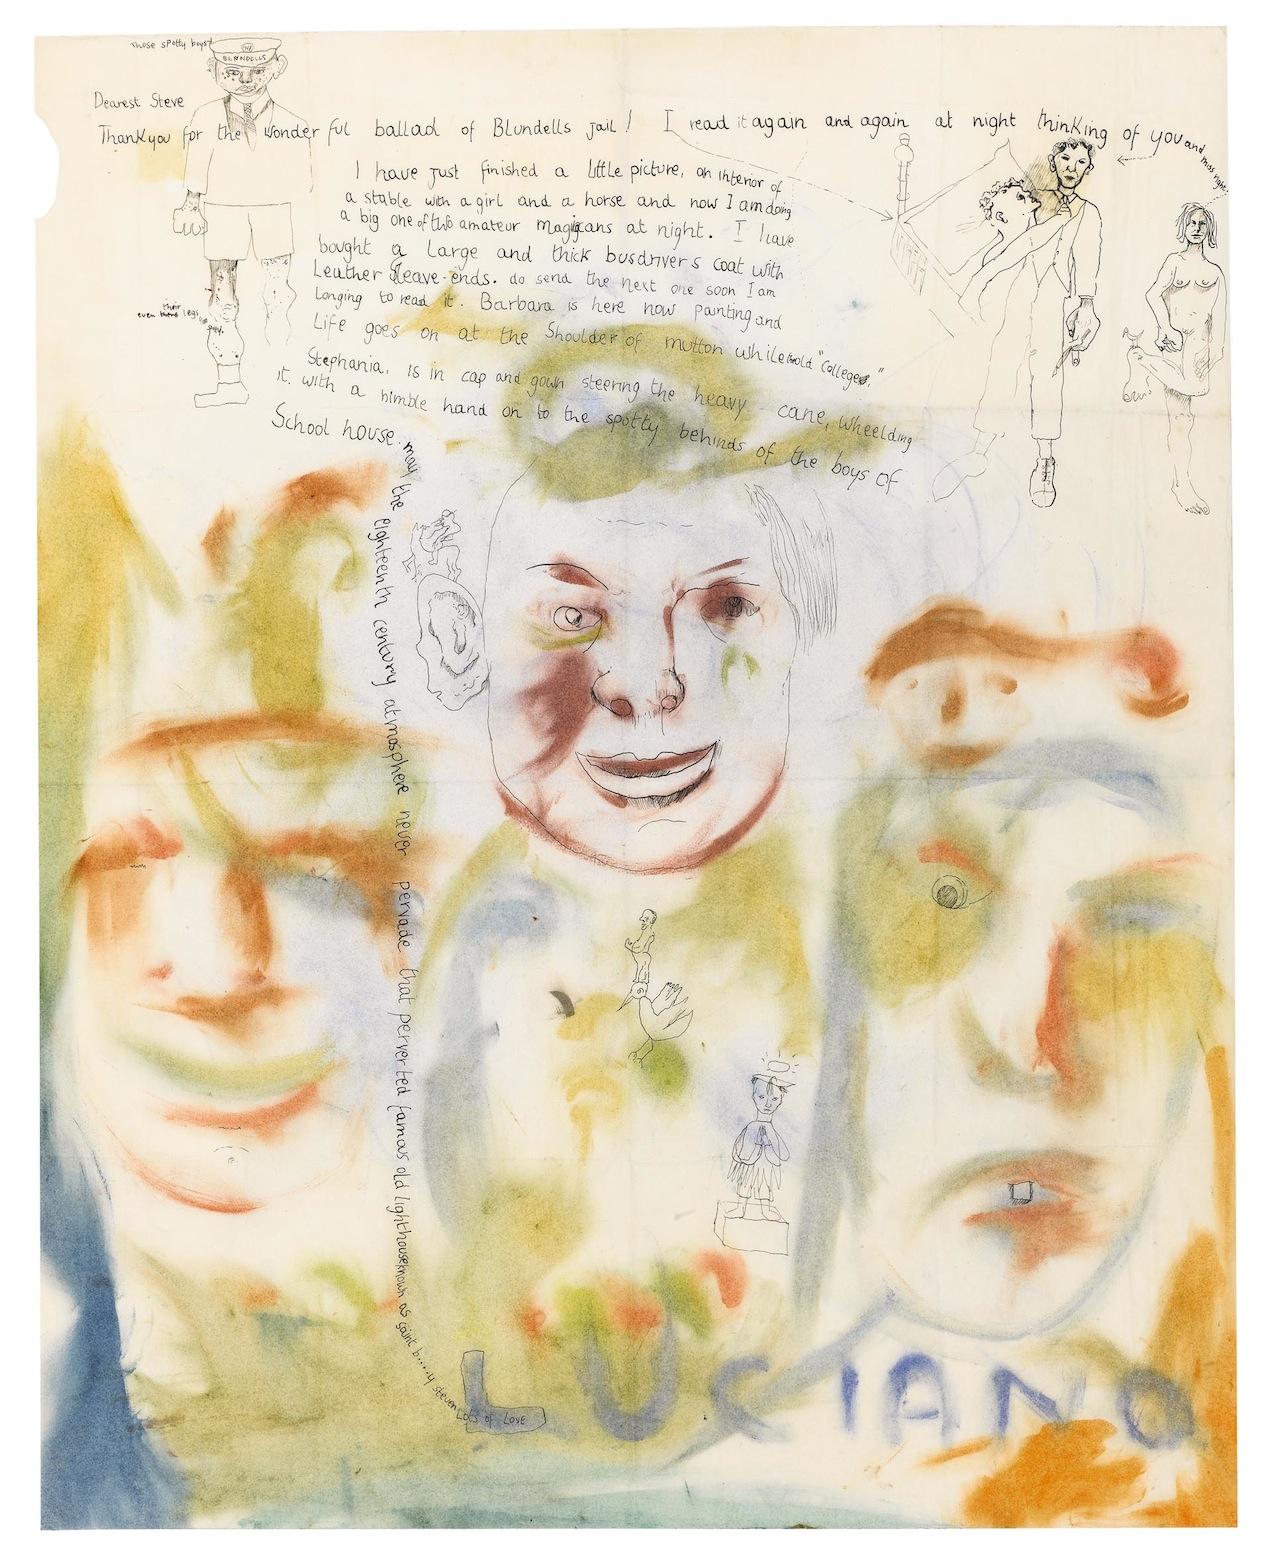 Freud, Letter to Stephen Spender (1941) - Self-Portrait